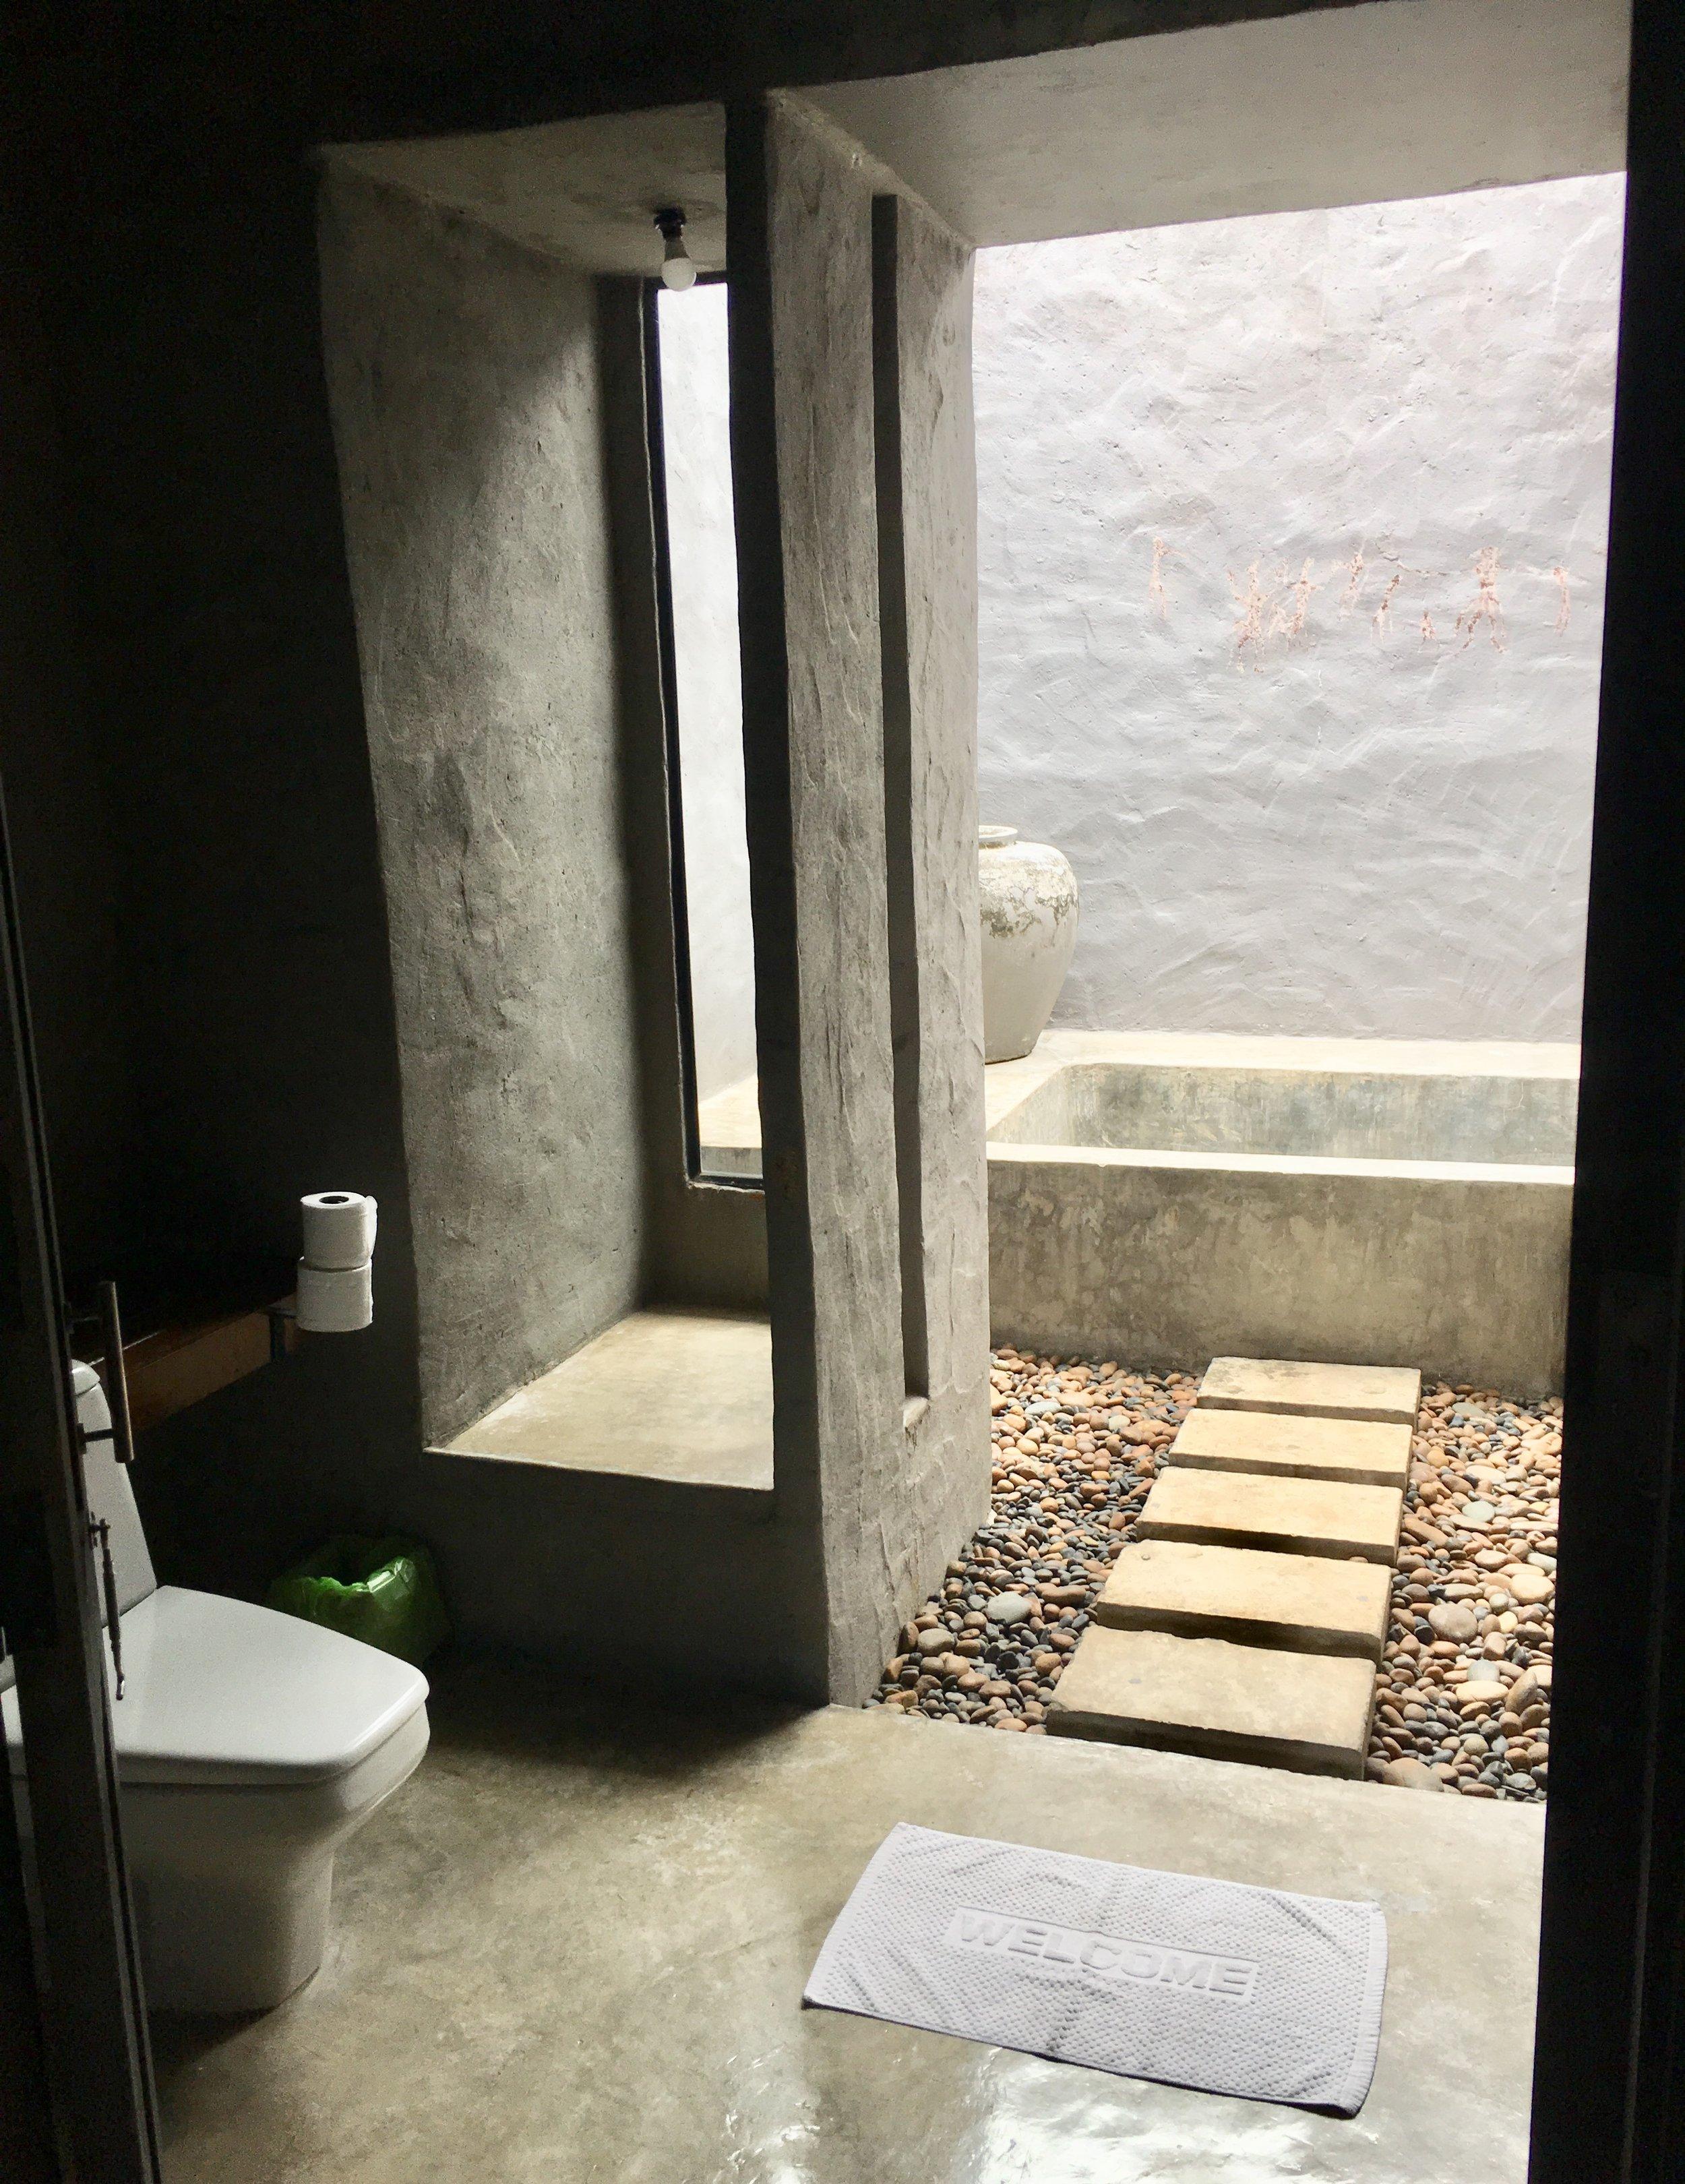 Neat indoor / outdoor bathroom and shower